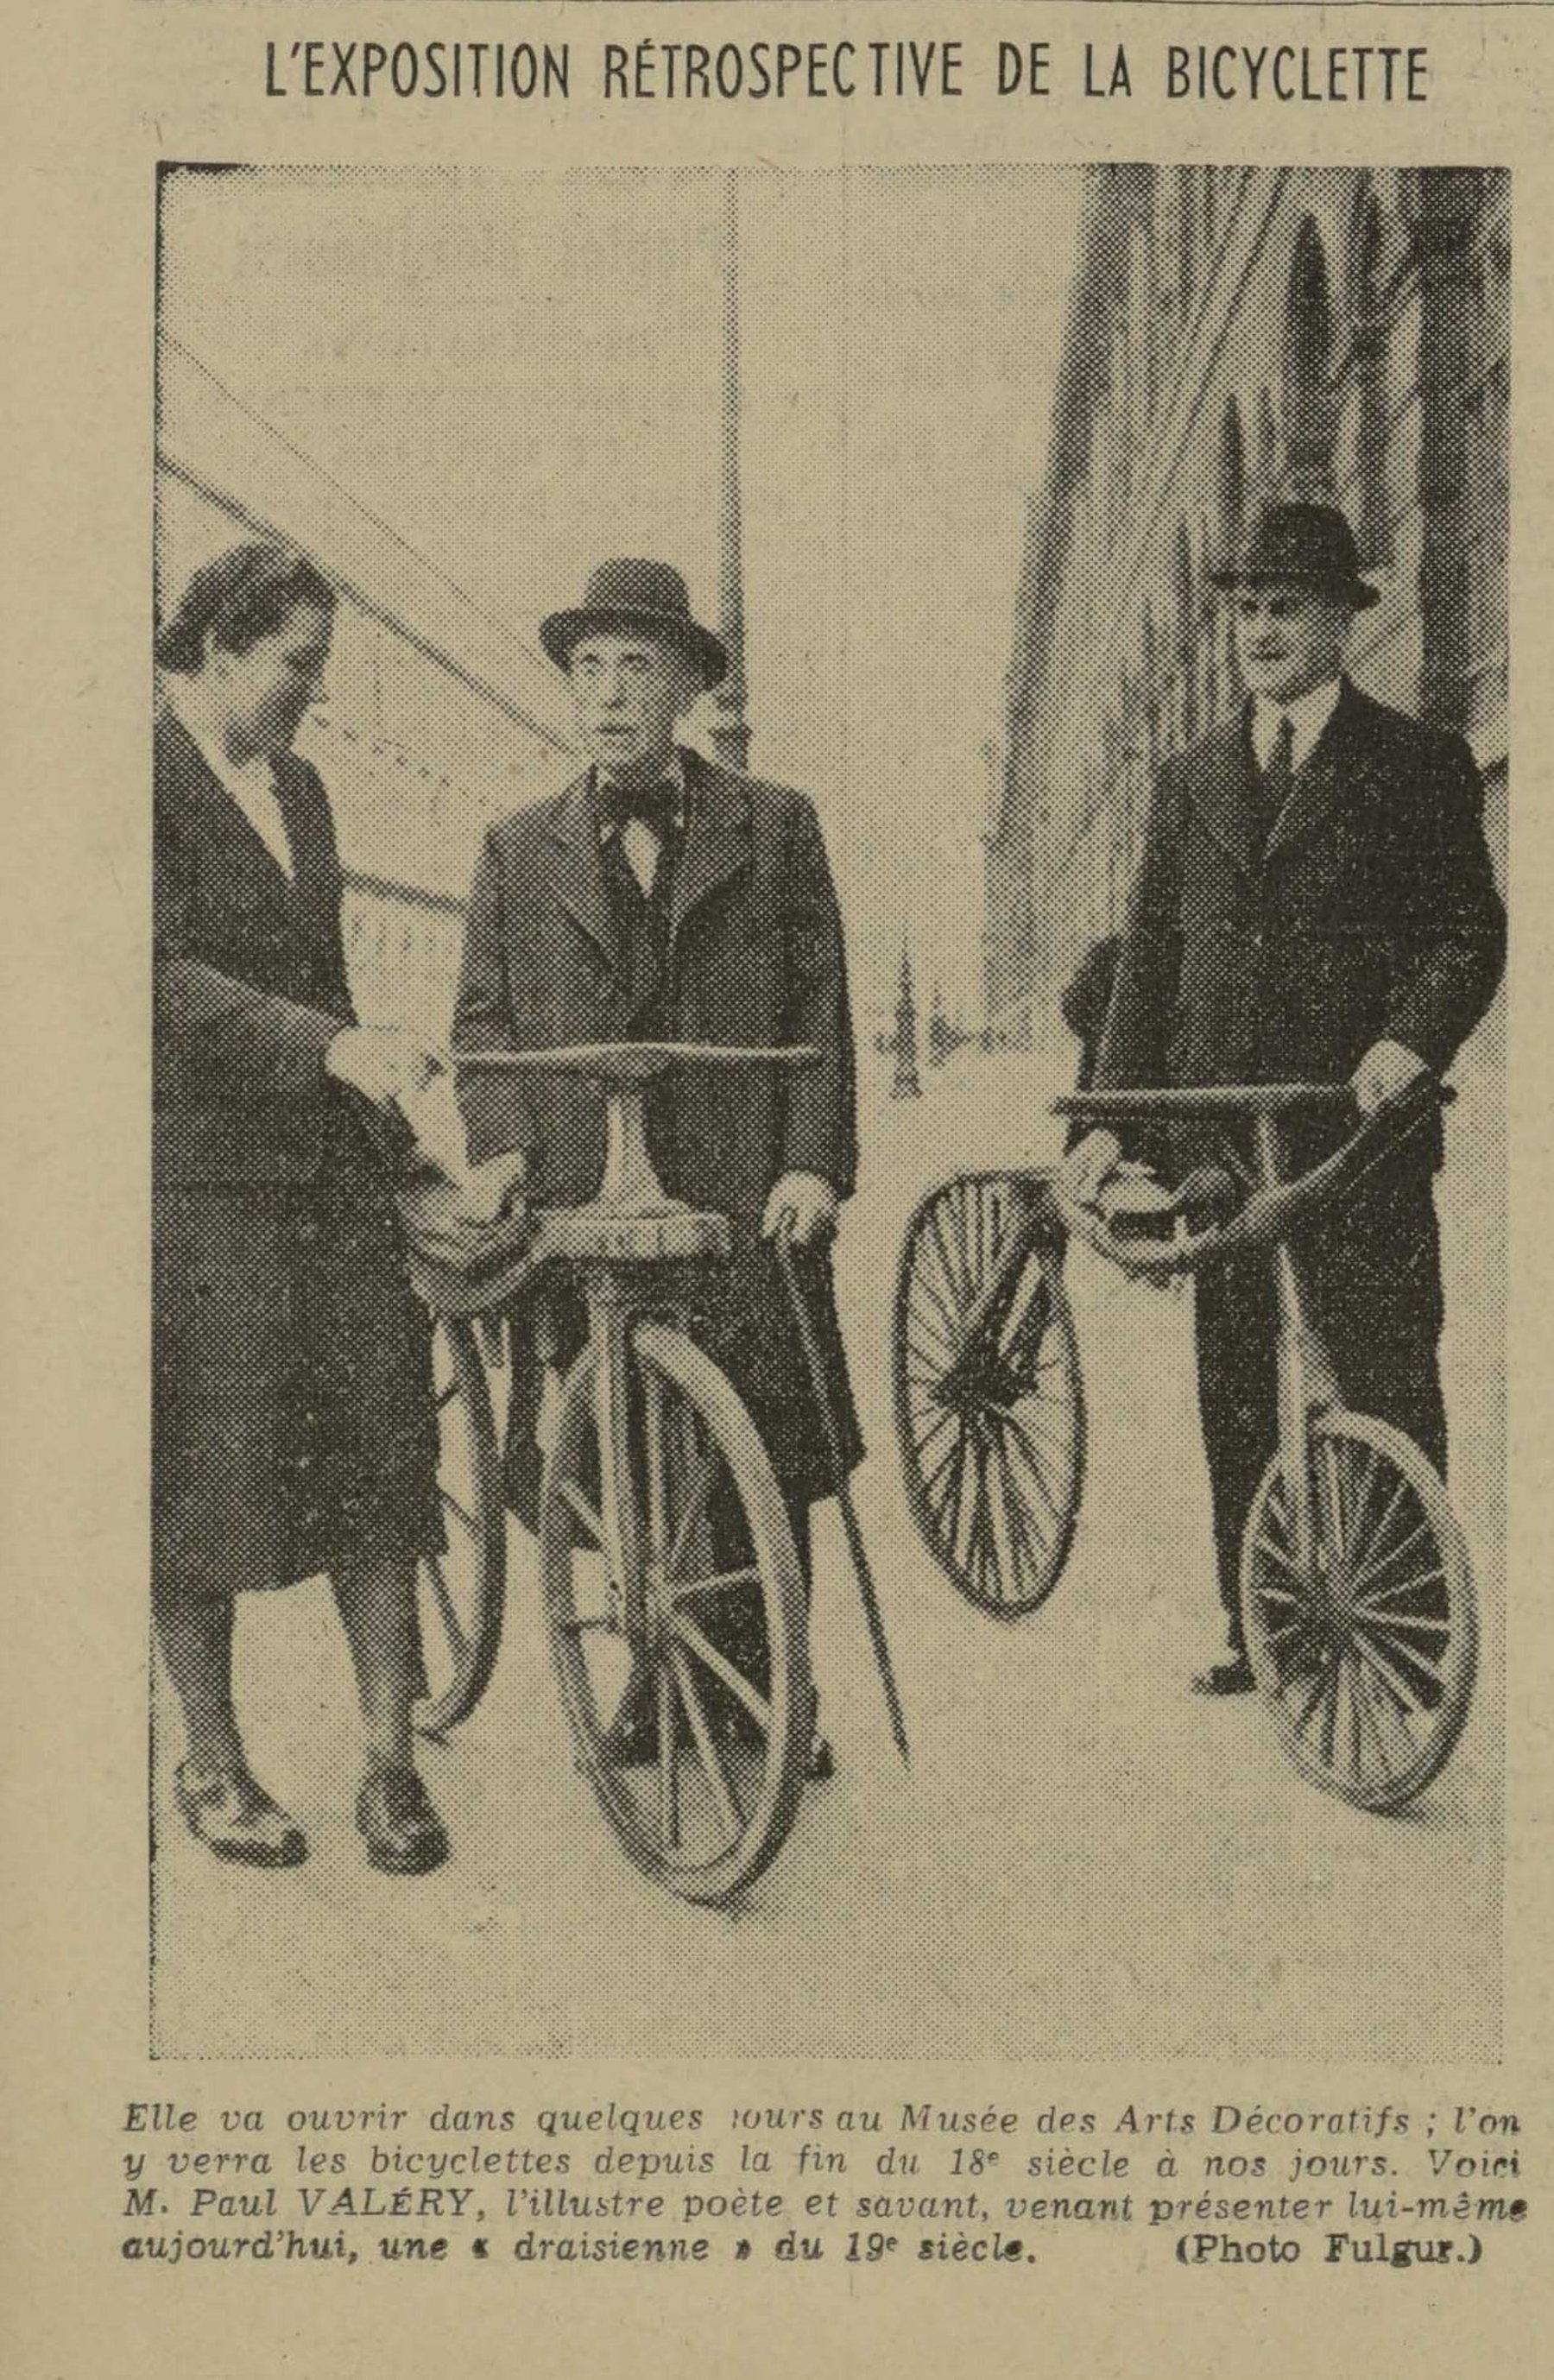 Contenu du L'exposition rétrospective de la bicyclette